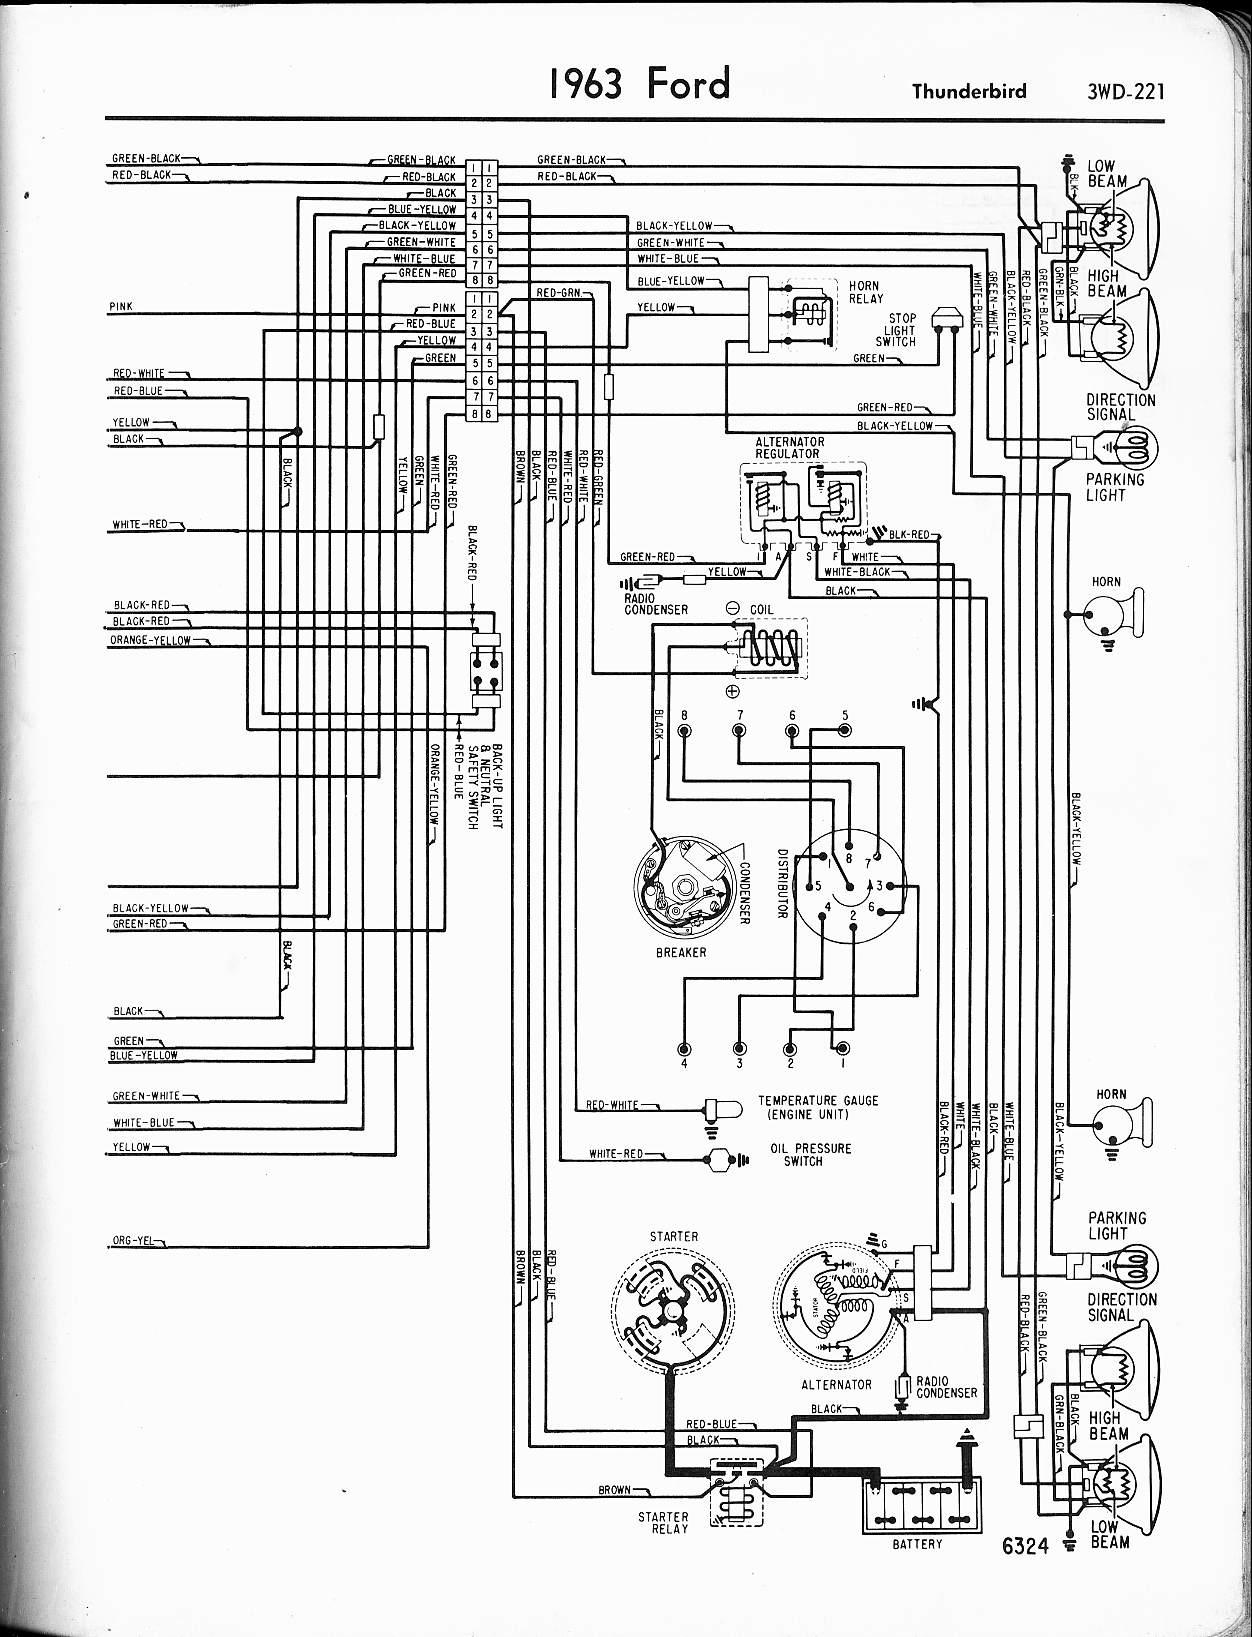 66 Ford Ranchero Wiring Diagram Schematics Diagram 1967 Ranchero Wiring  Schematics 1964 Ford Ranchero Wiring Diagram